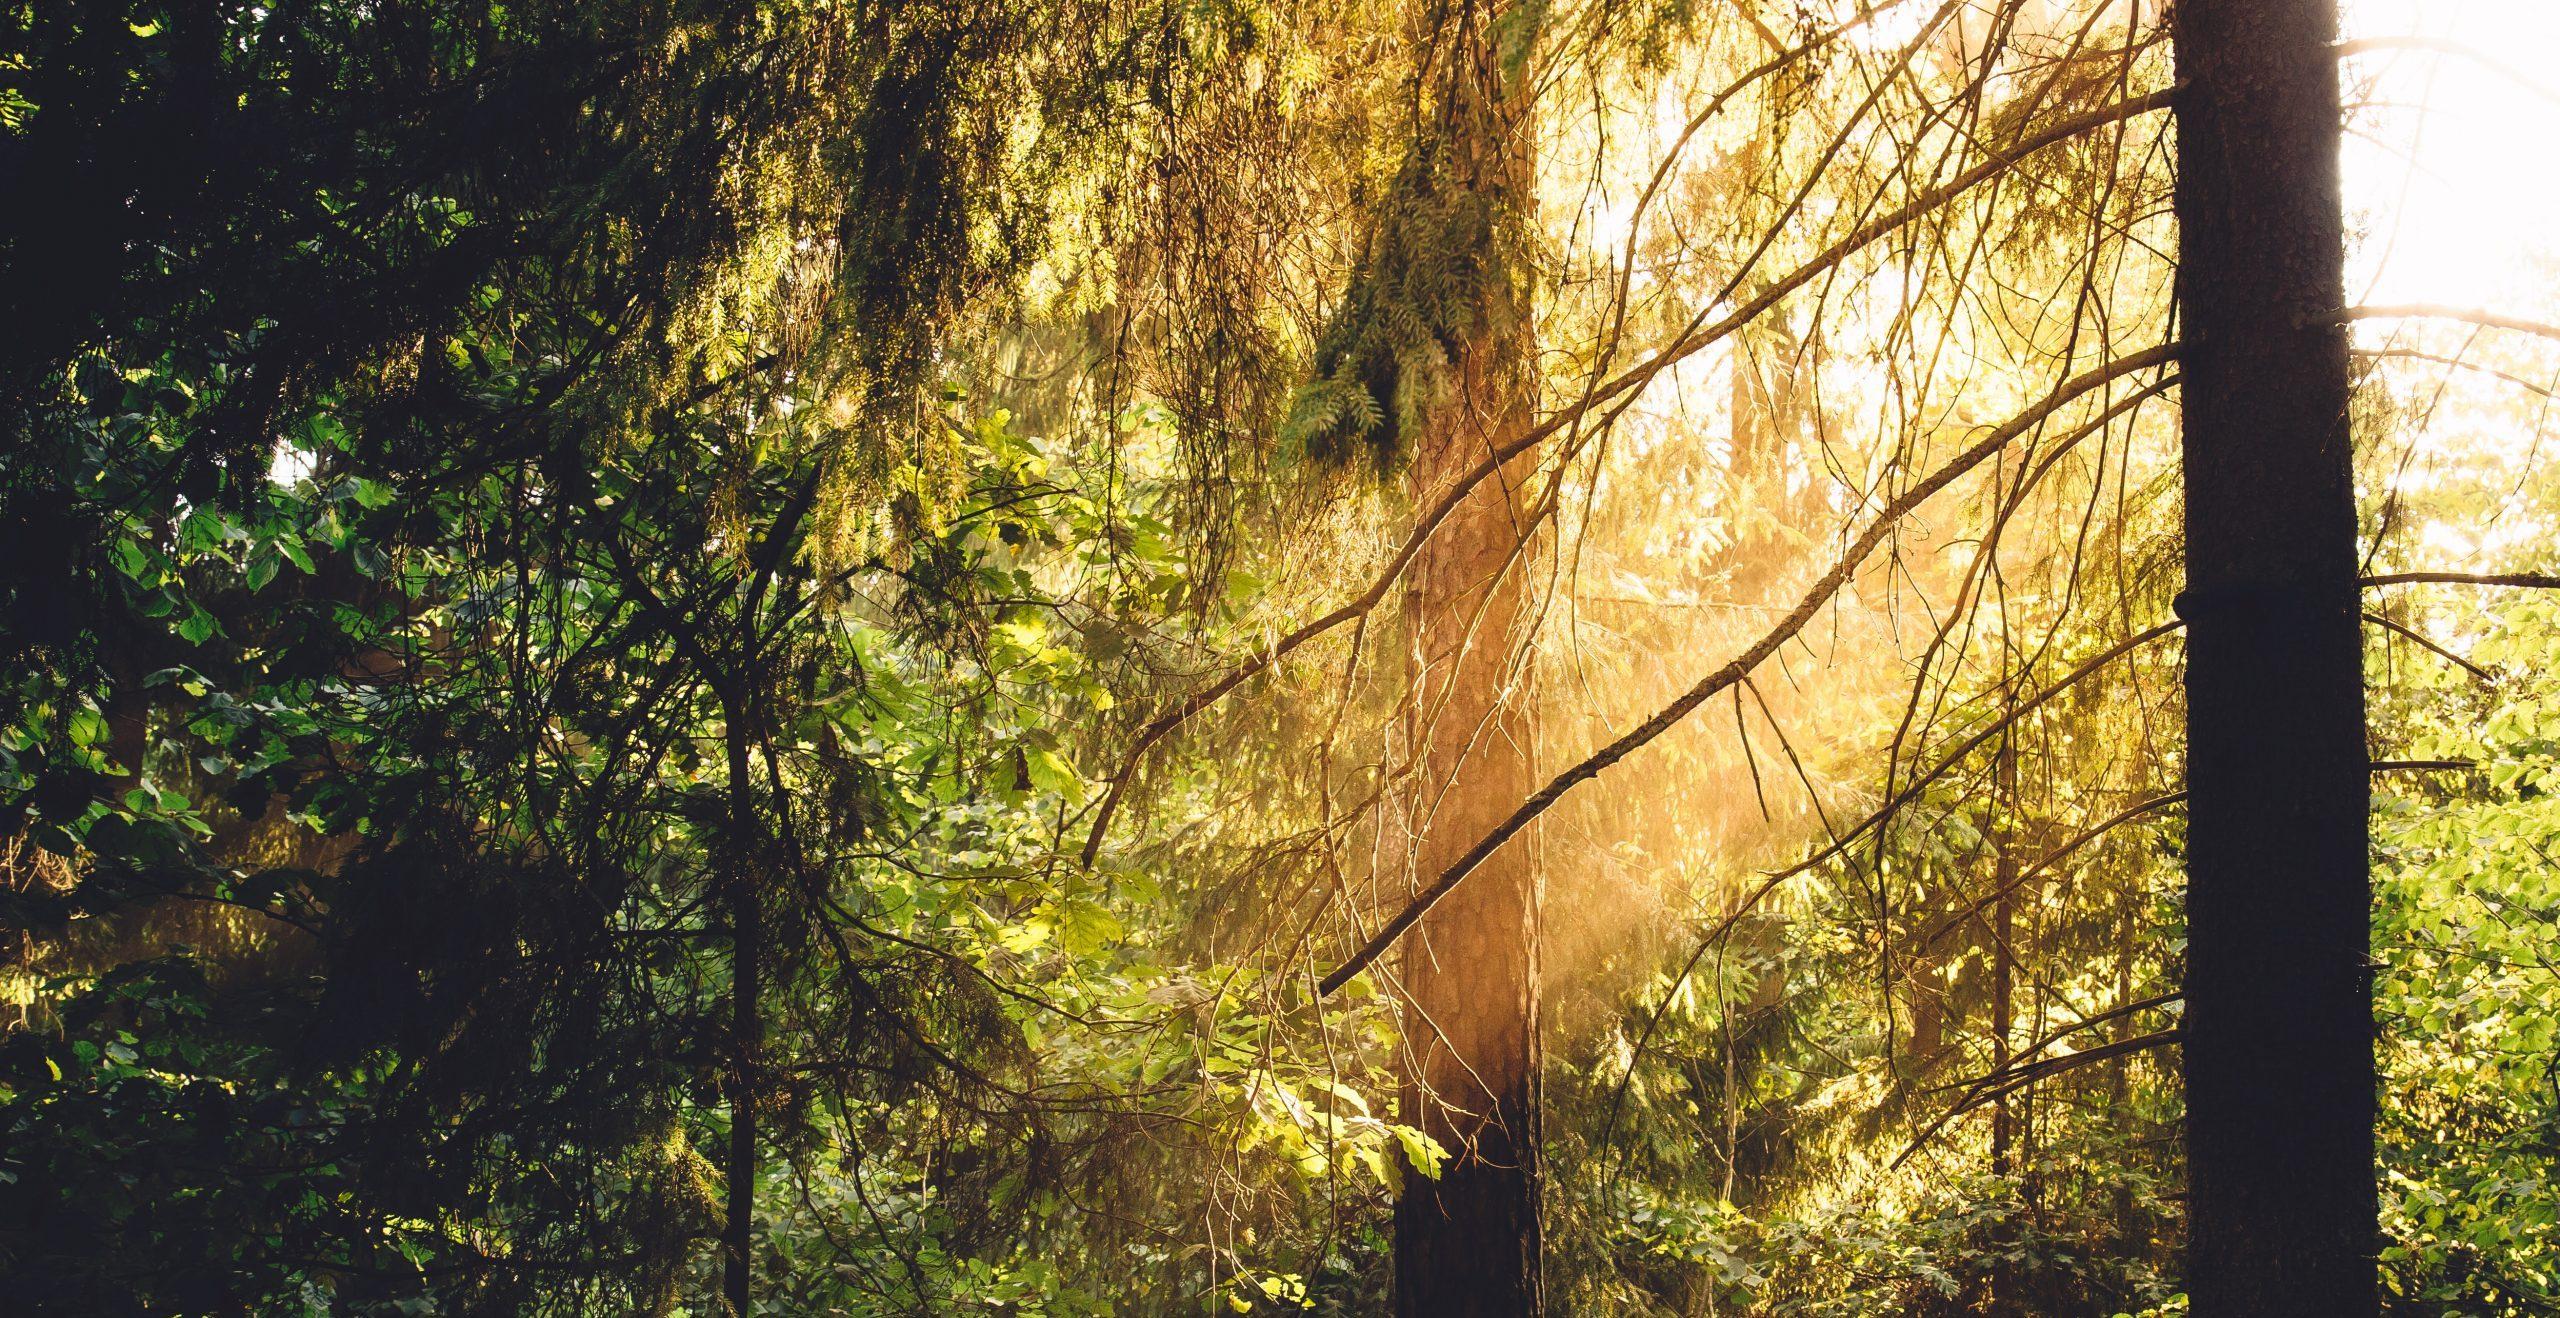 Tofino Forest - Surfgrove Tofino